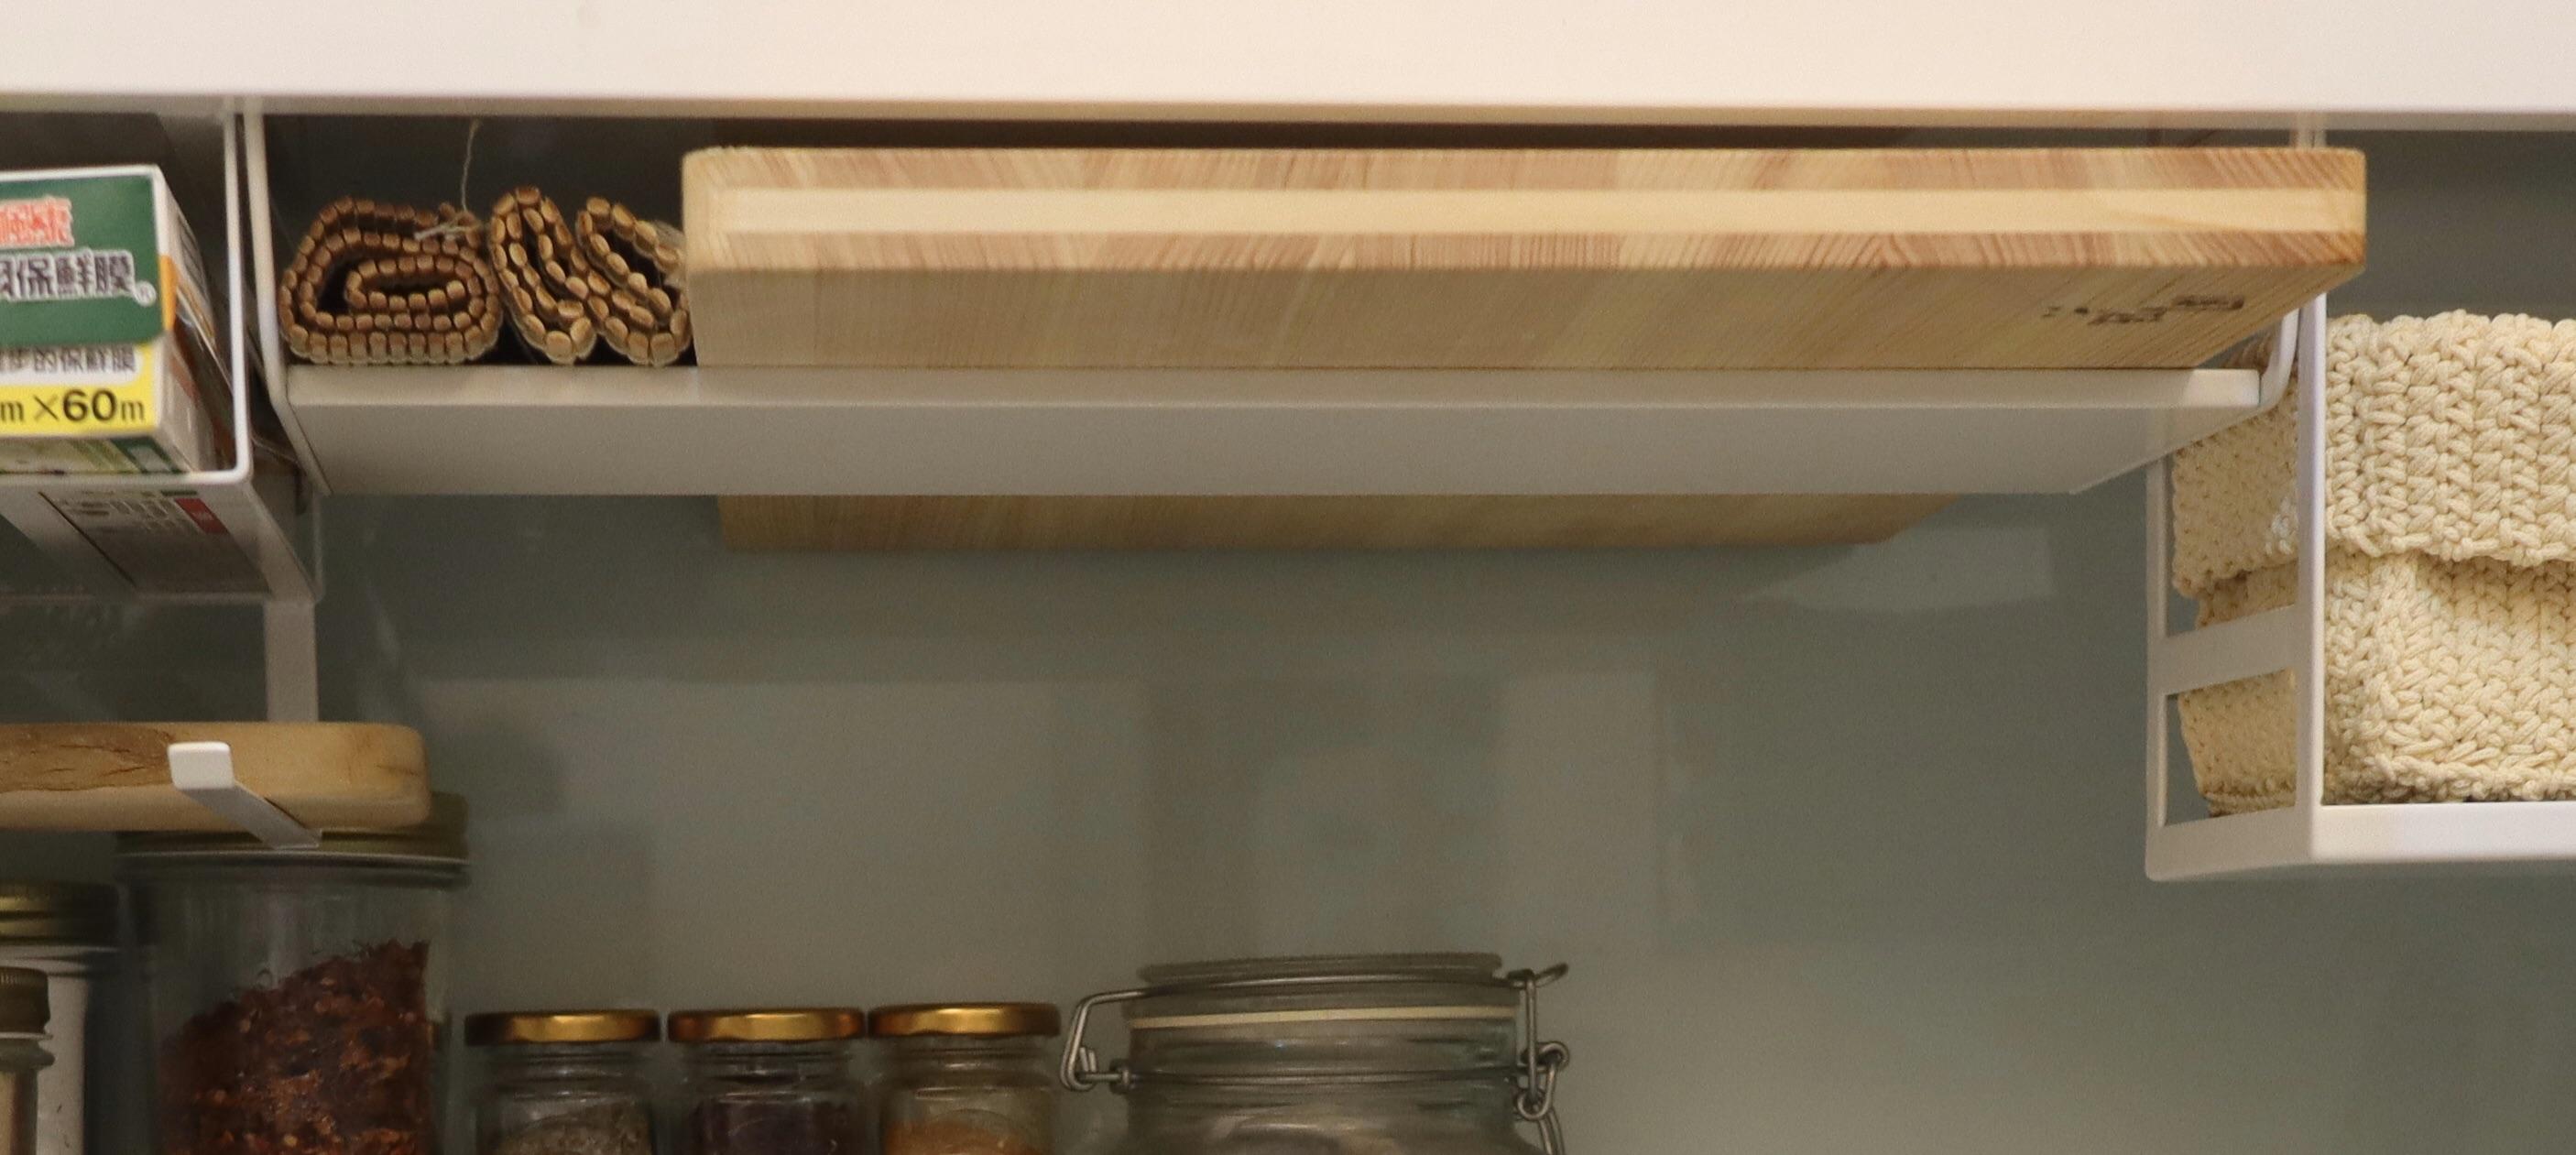 Plate兩用盤架-L 山崎收納 YAMAZAKI 廚房收納 盤子 砧板 碗盤